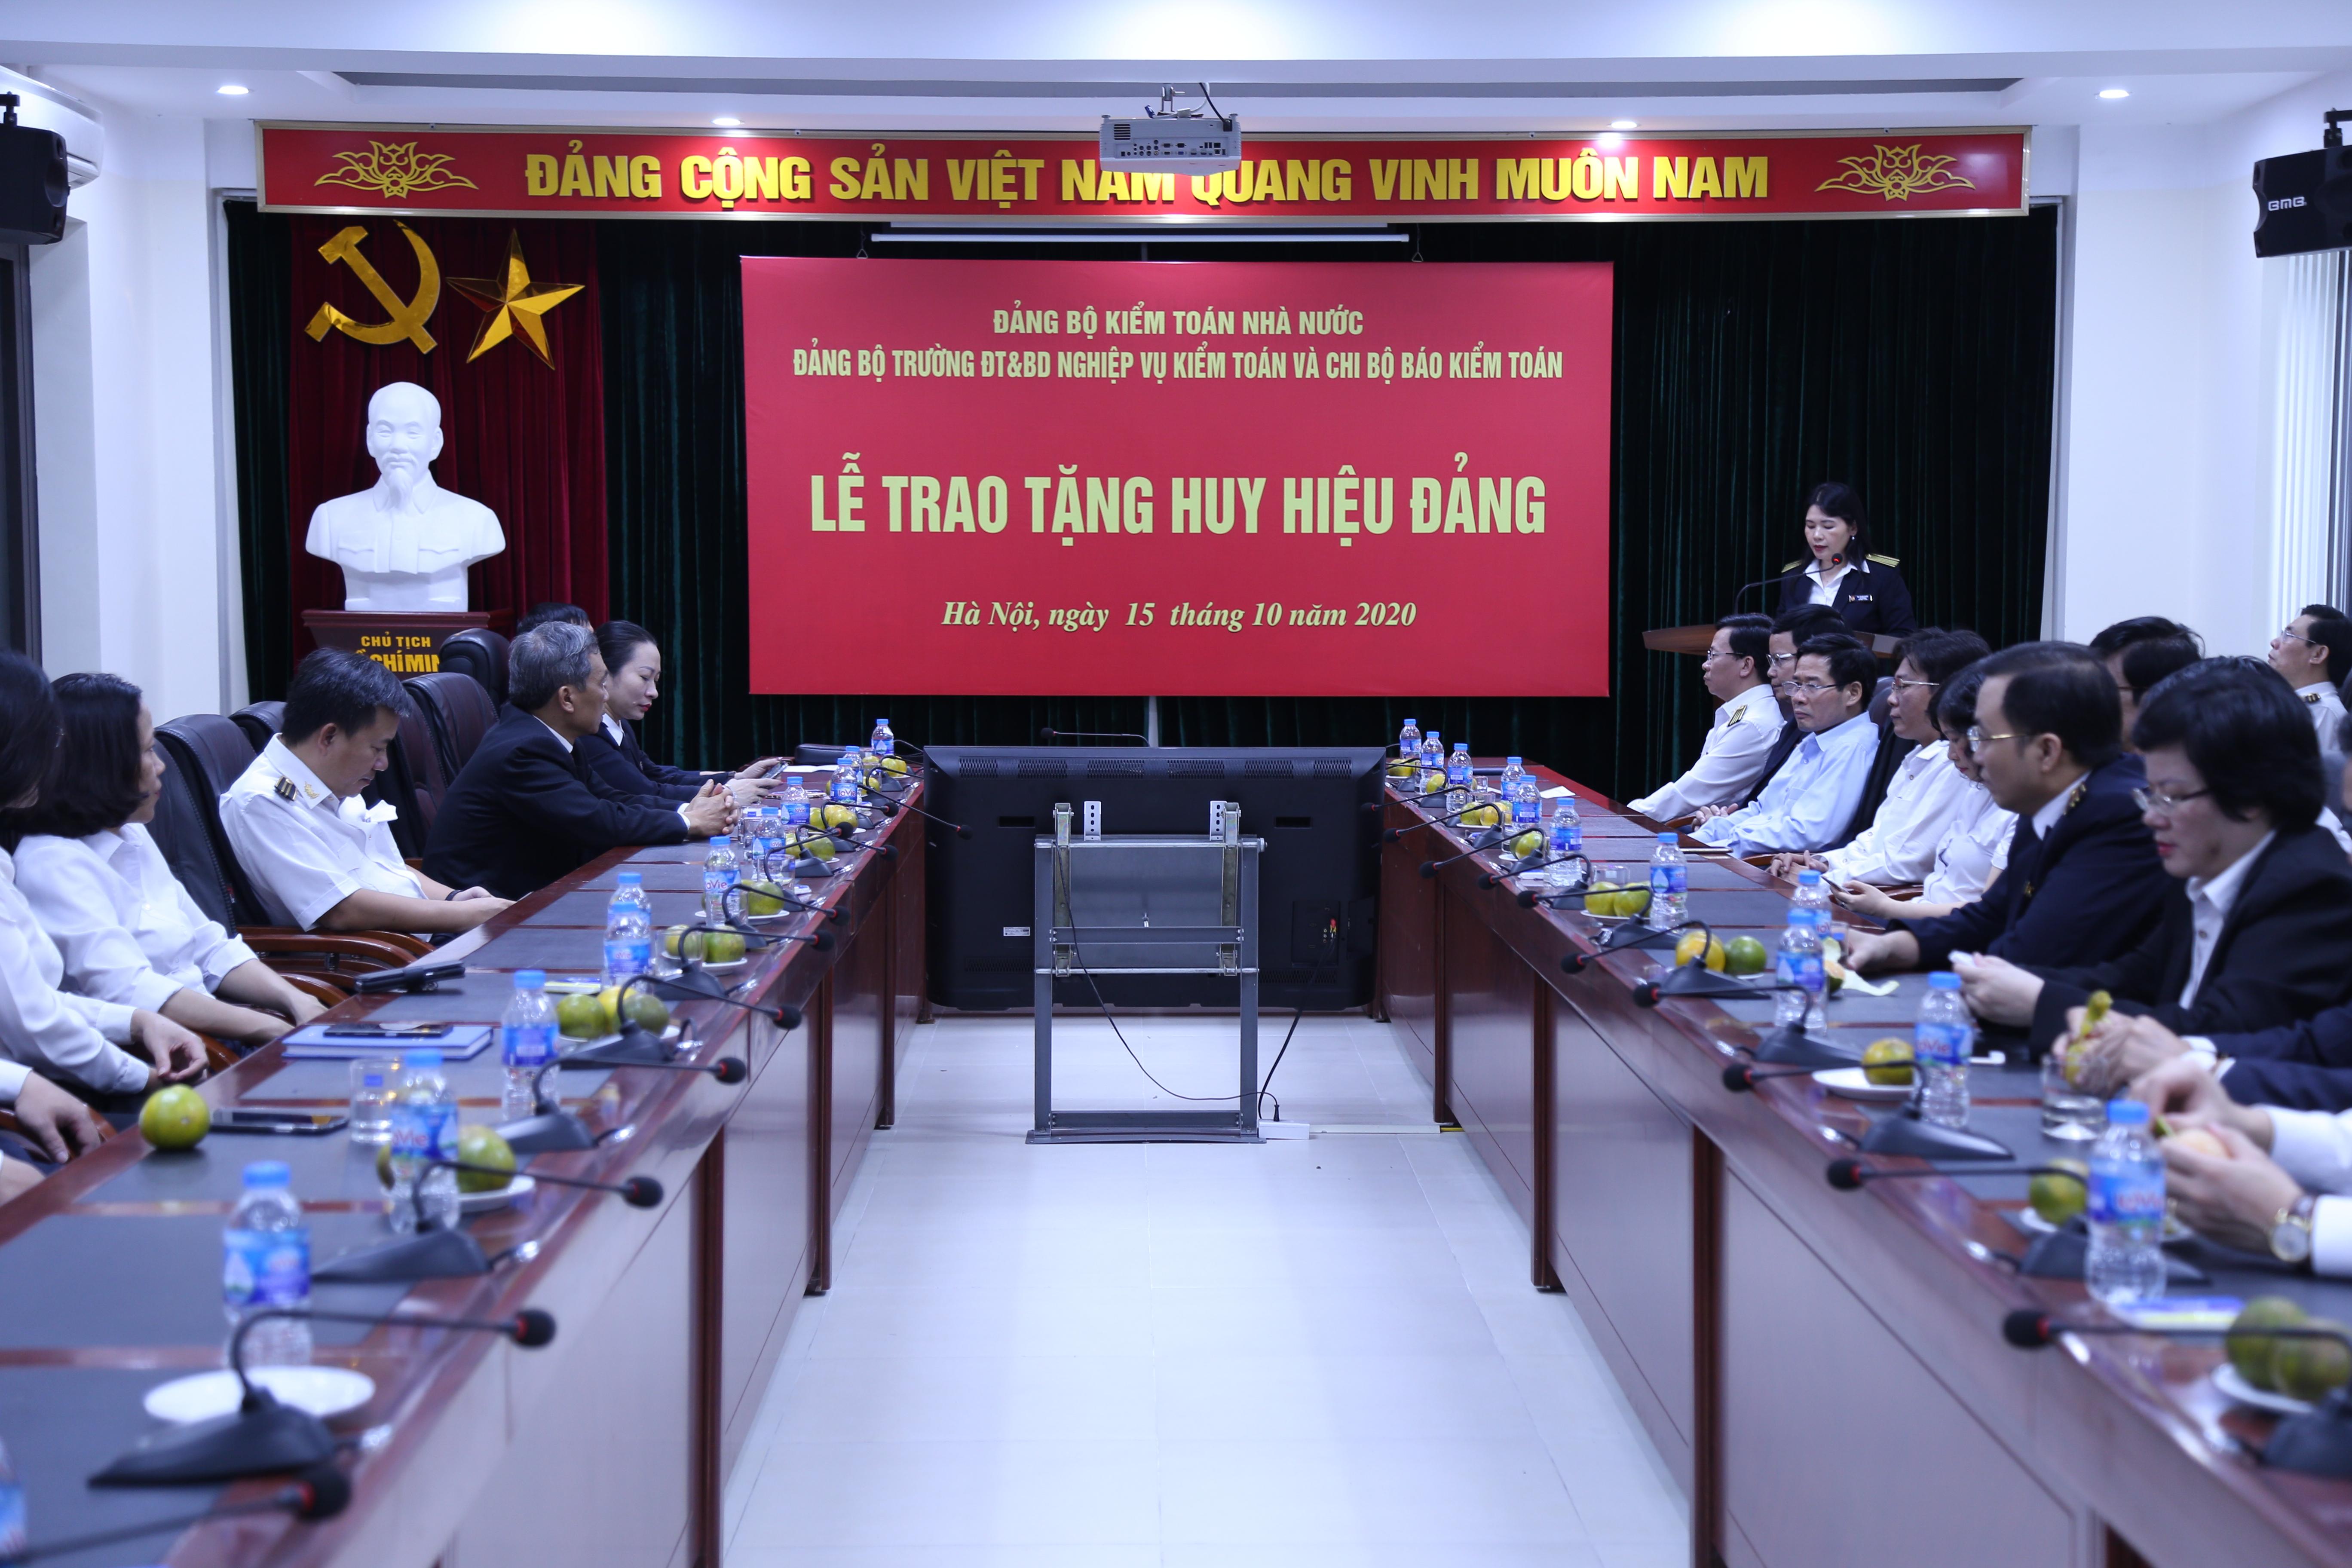 Trao huy hiệu Đảng cho 3 Đảng viên của Đảng bộ Trường Đào tạo và Bồi dưỡng nghiệp vụ kiểm toán và Chi bộ Báo Kiểm toán